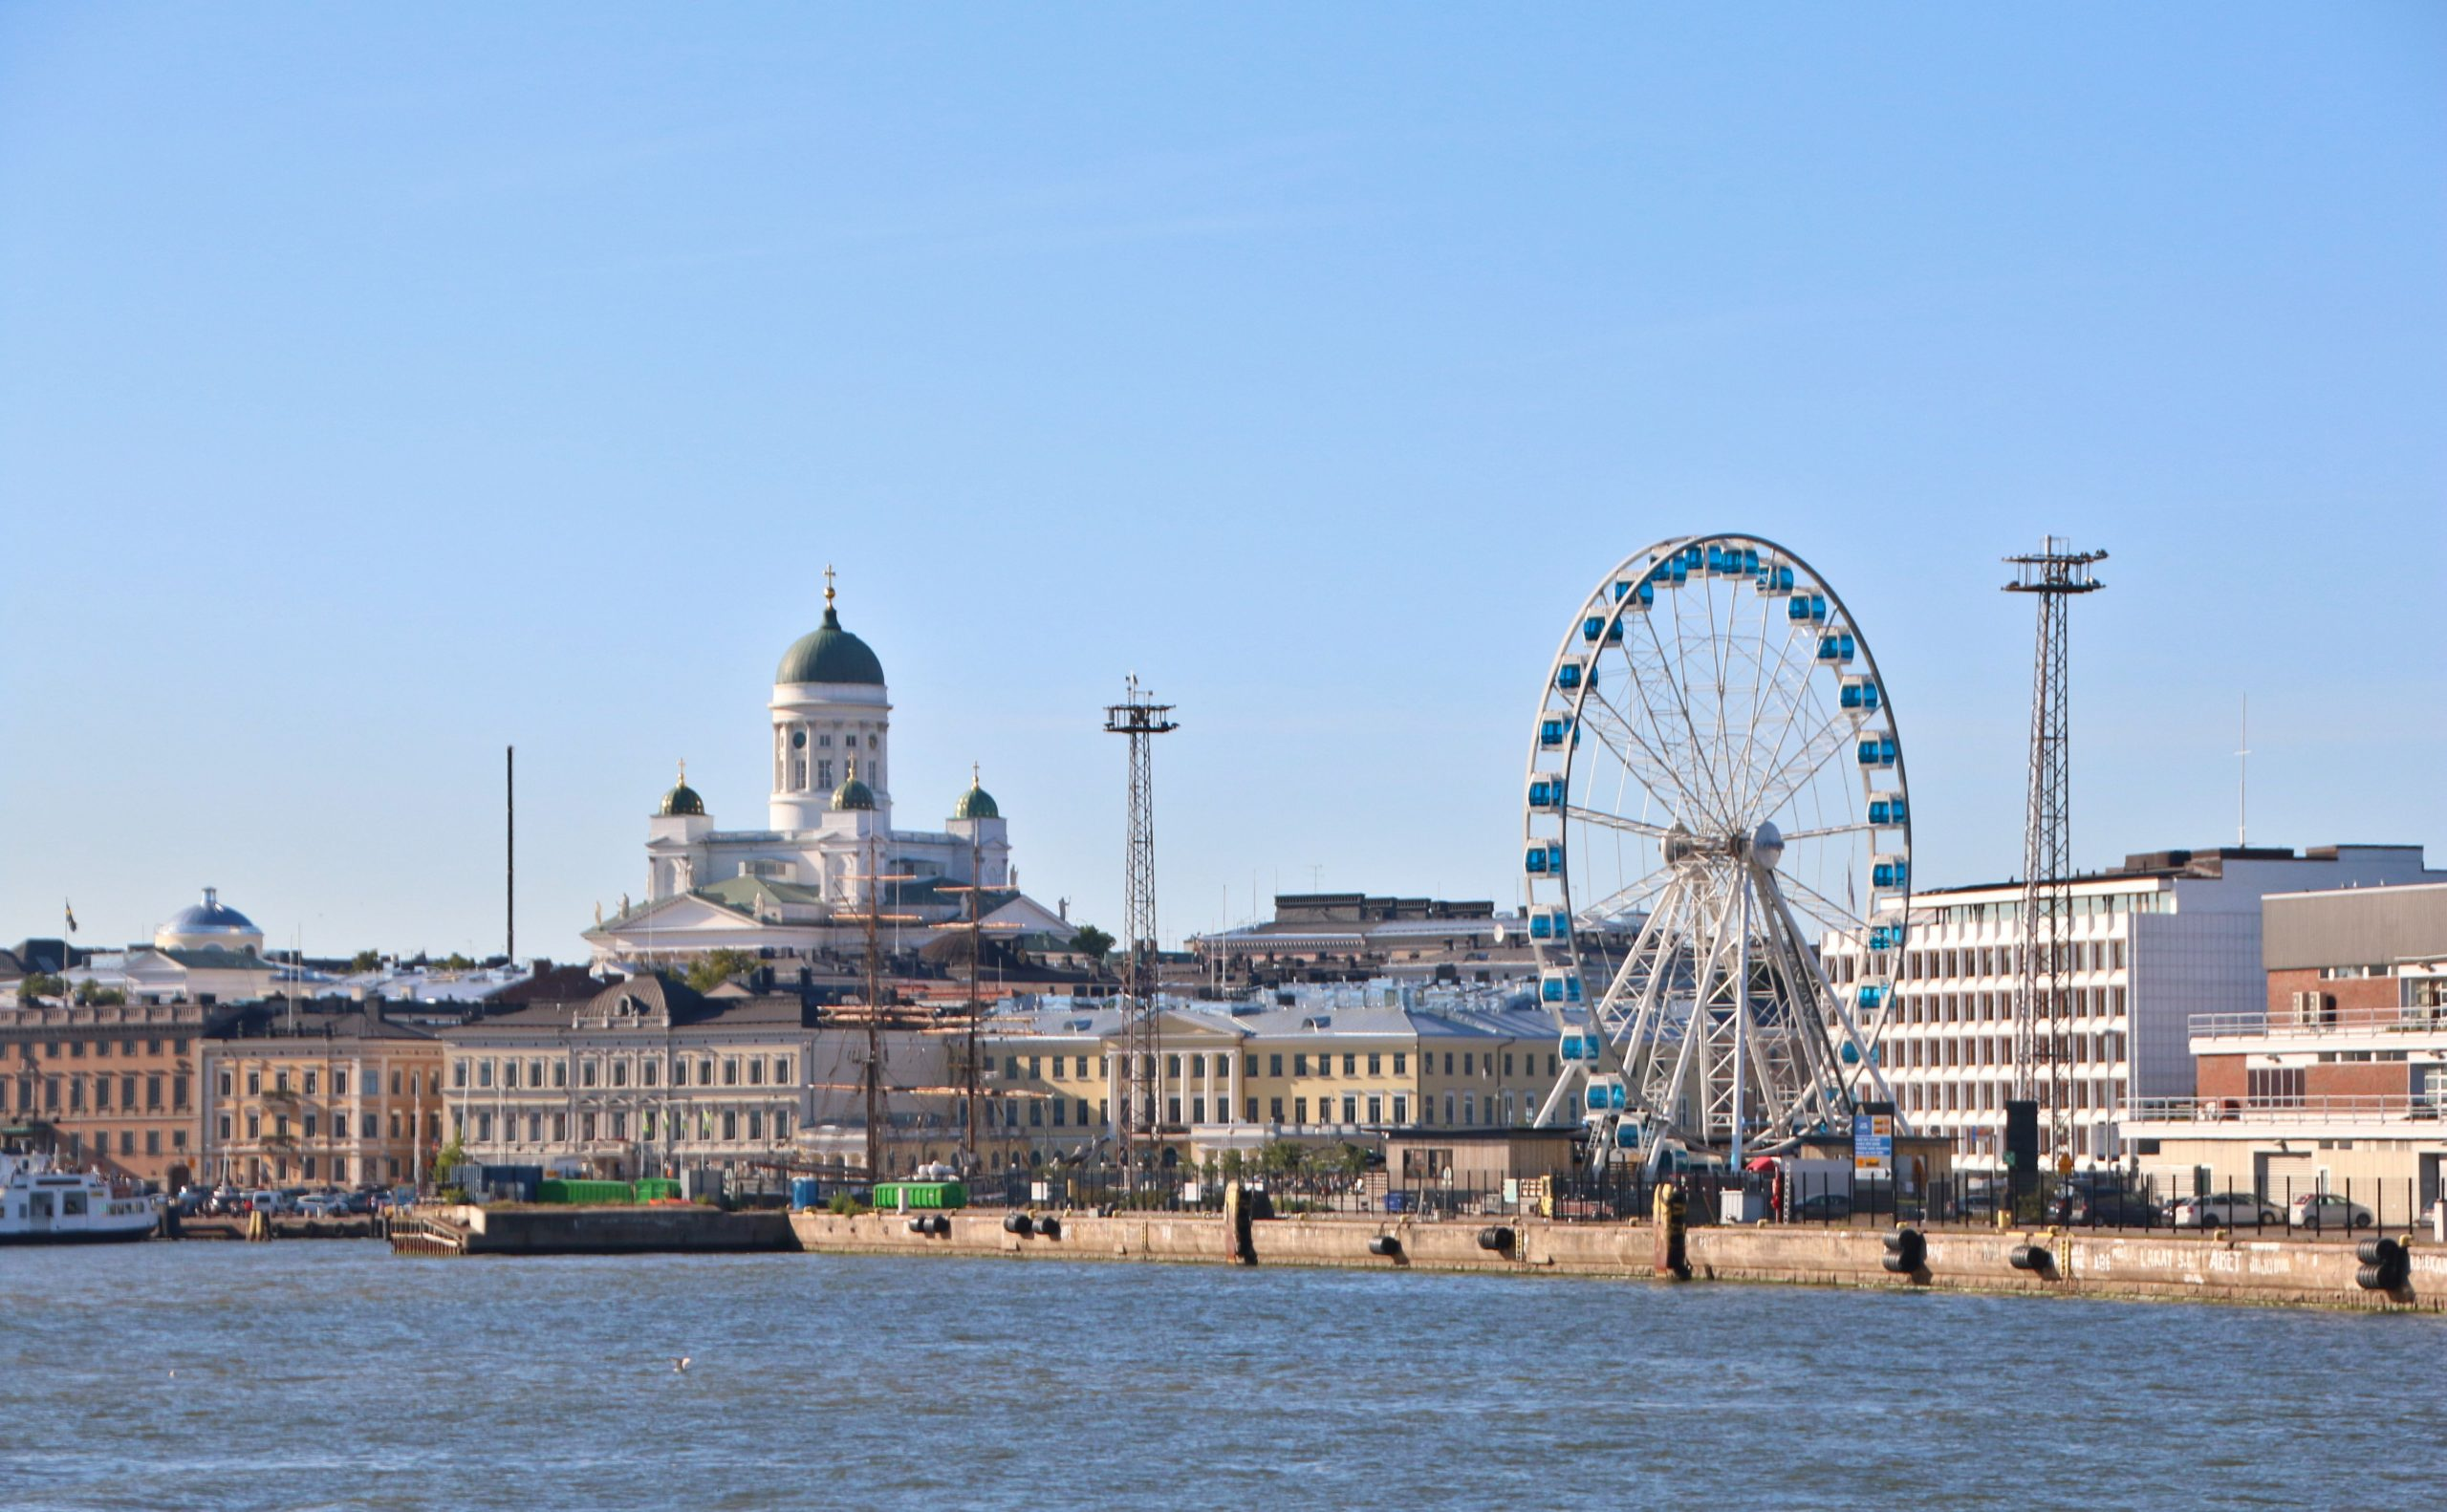 Finland (her billede af Helsinki) er i øjeblikket det 10. mest coronasikre land i verden. (Foto: দেবর্ষি রায়, CC 2.0)